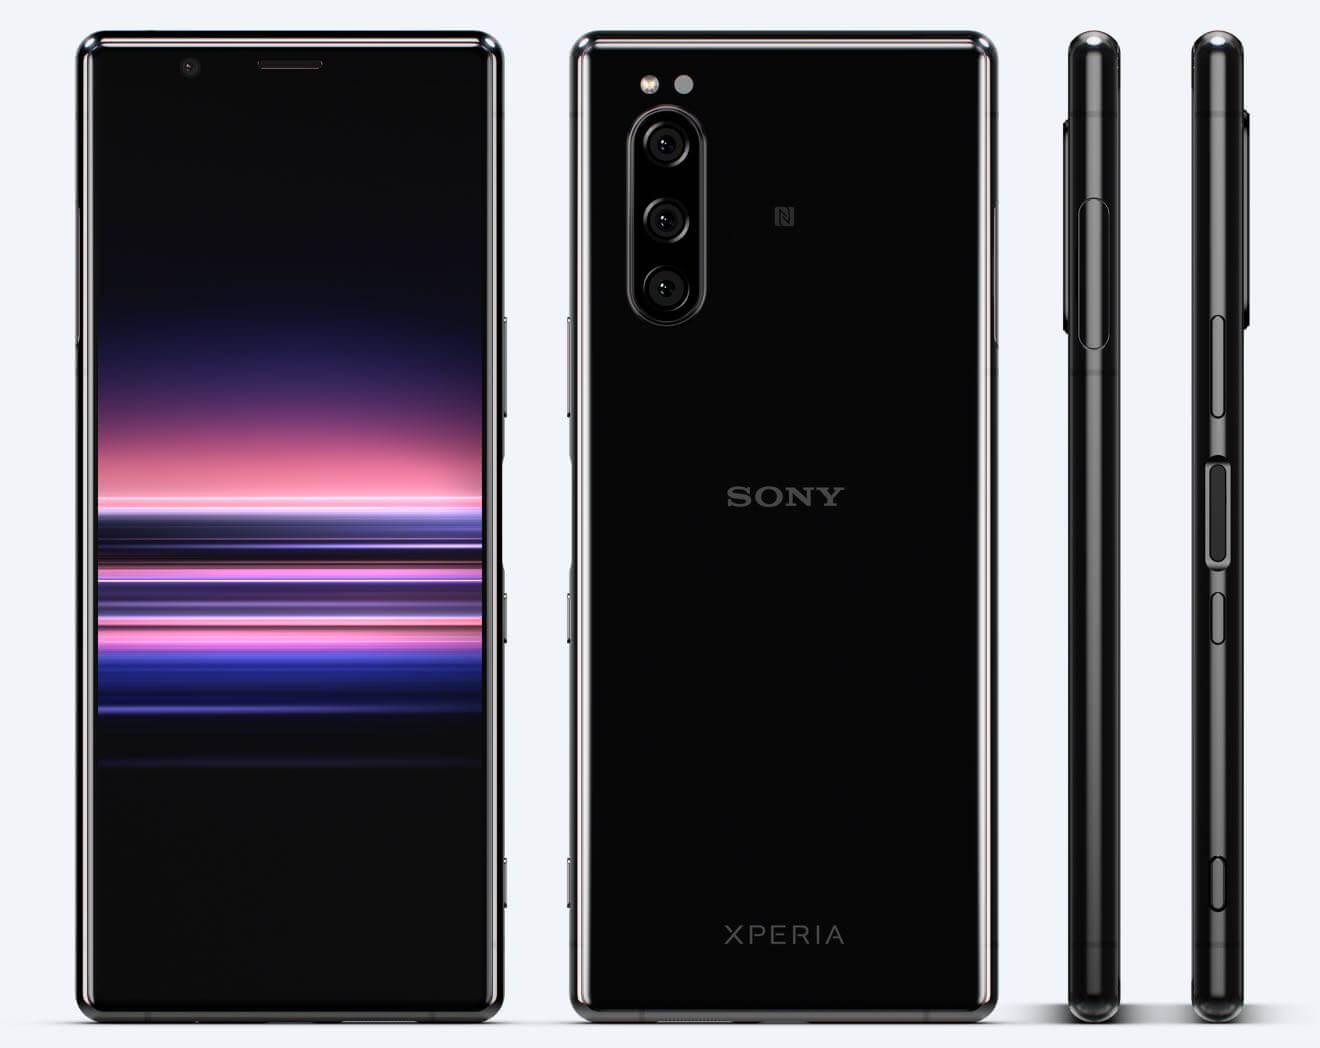 Sony Xperia 5の始値は582ポンド、78570円。6.1インチ、21:9ELディスプレイ/SD855/6GB/128GB/IP68/12MPトリプルレンズ。